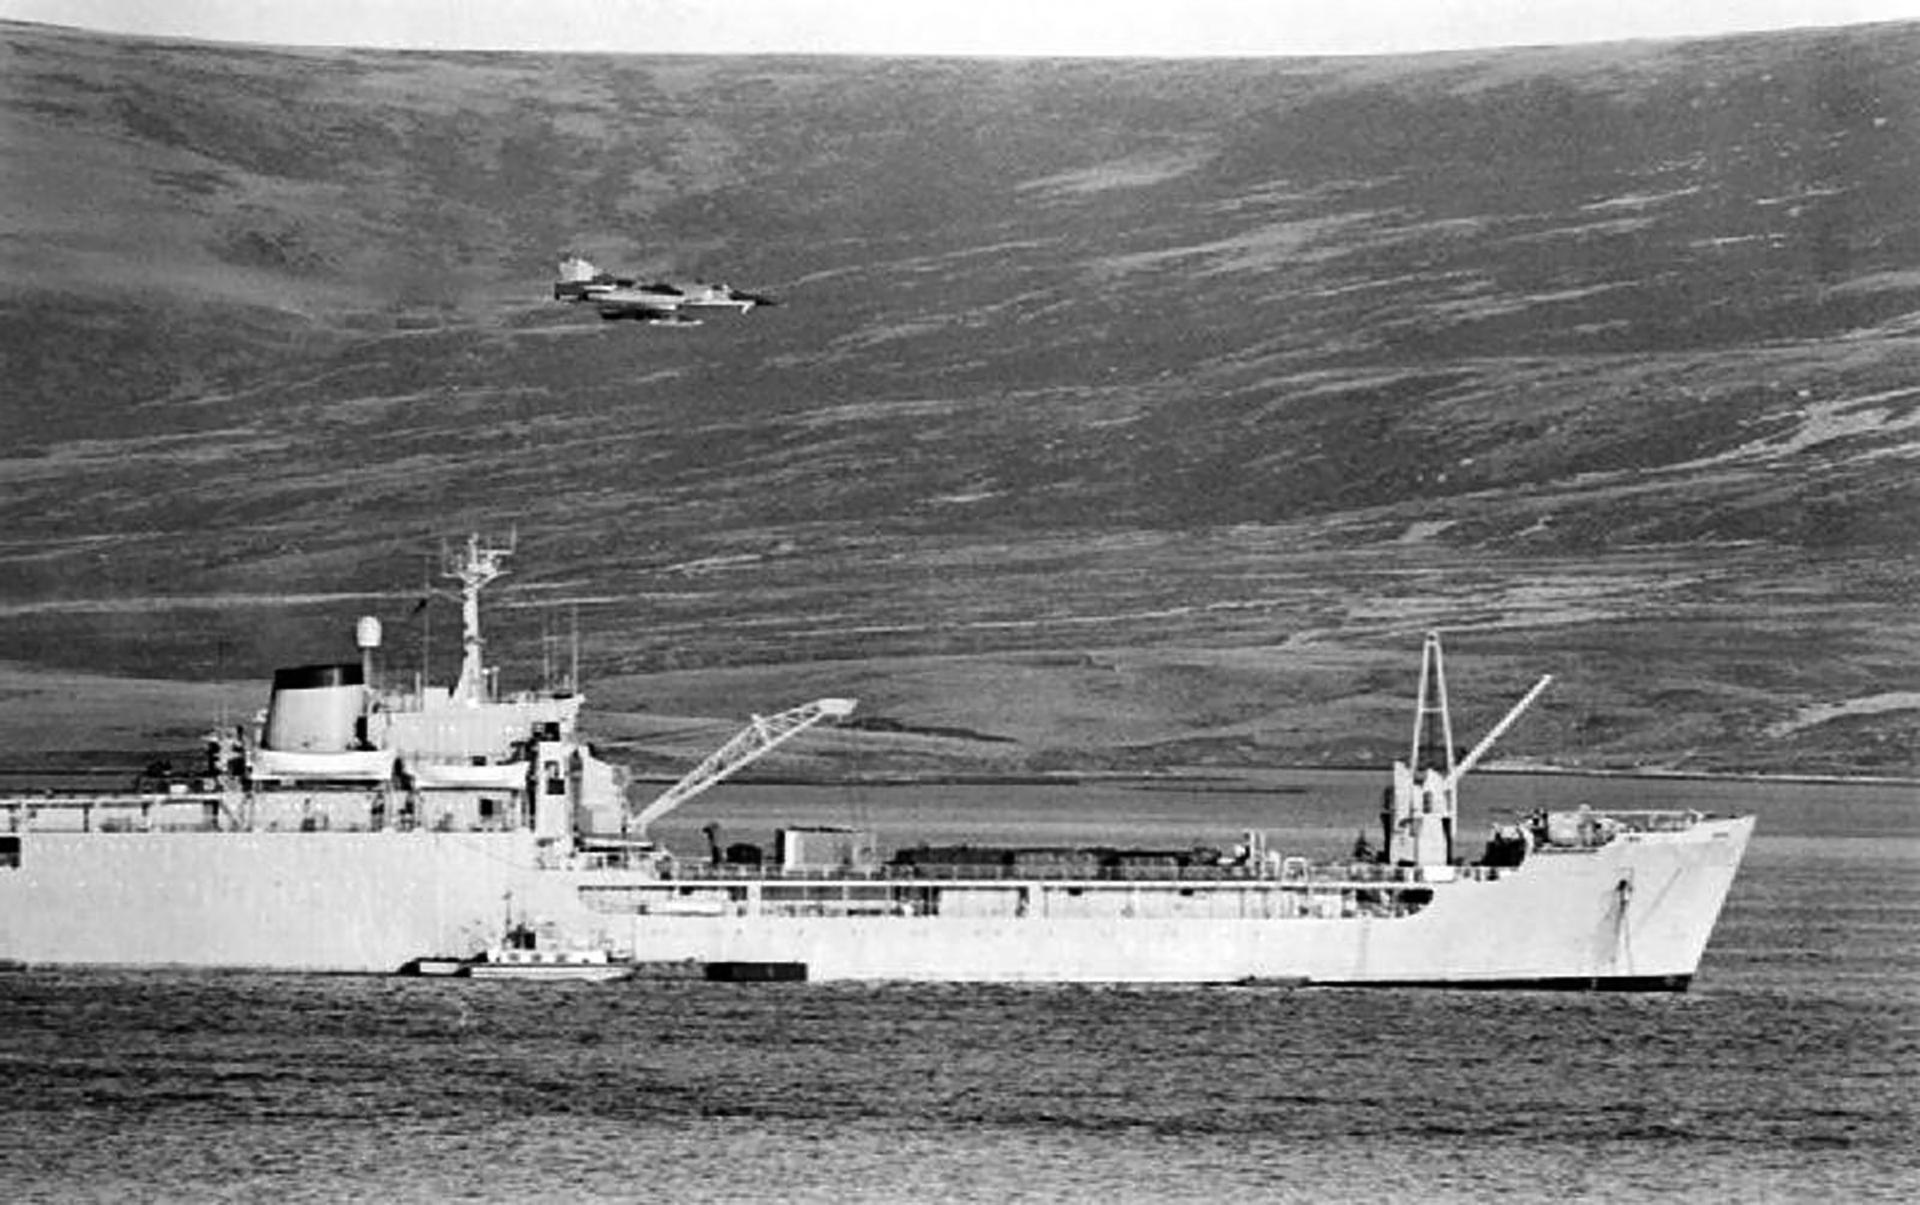 8 de junio: un avión de la Fuerza Aéreaatacó al Sir Galahaden Bahía Agradable. Los pilotos sobrevolaban a escasa altura sobre losbarcos para lanzar sus bombas